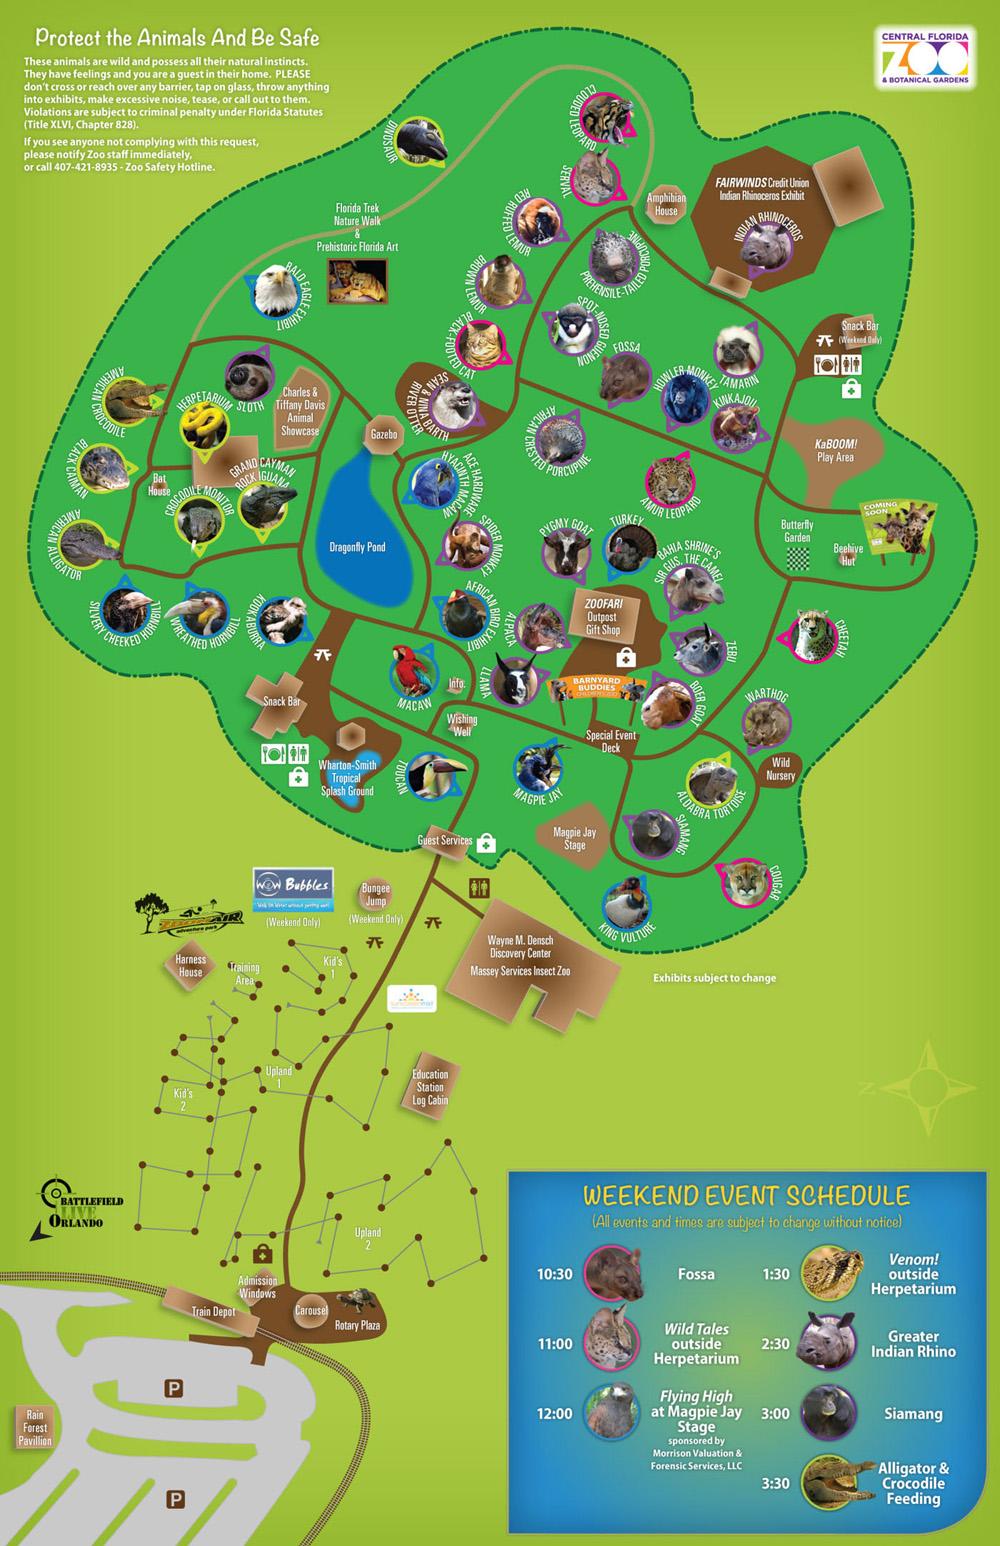 Central Florida Zoo And Botanical Gardens Wedding Garden Ftempo